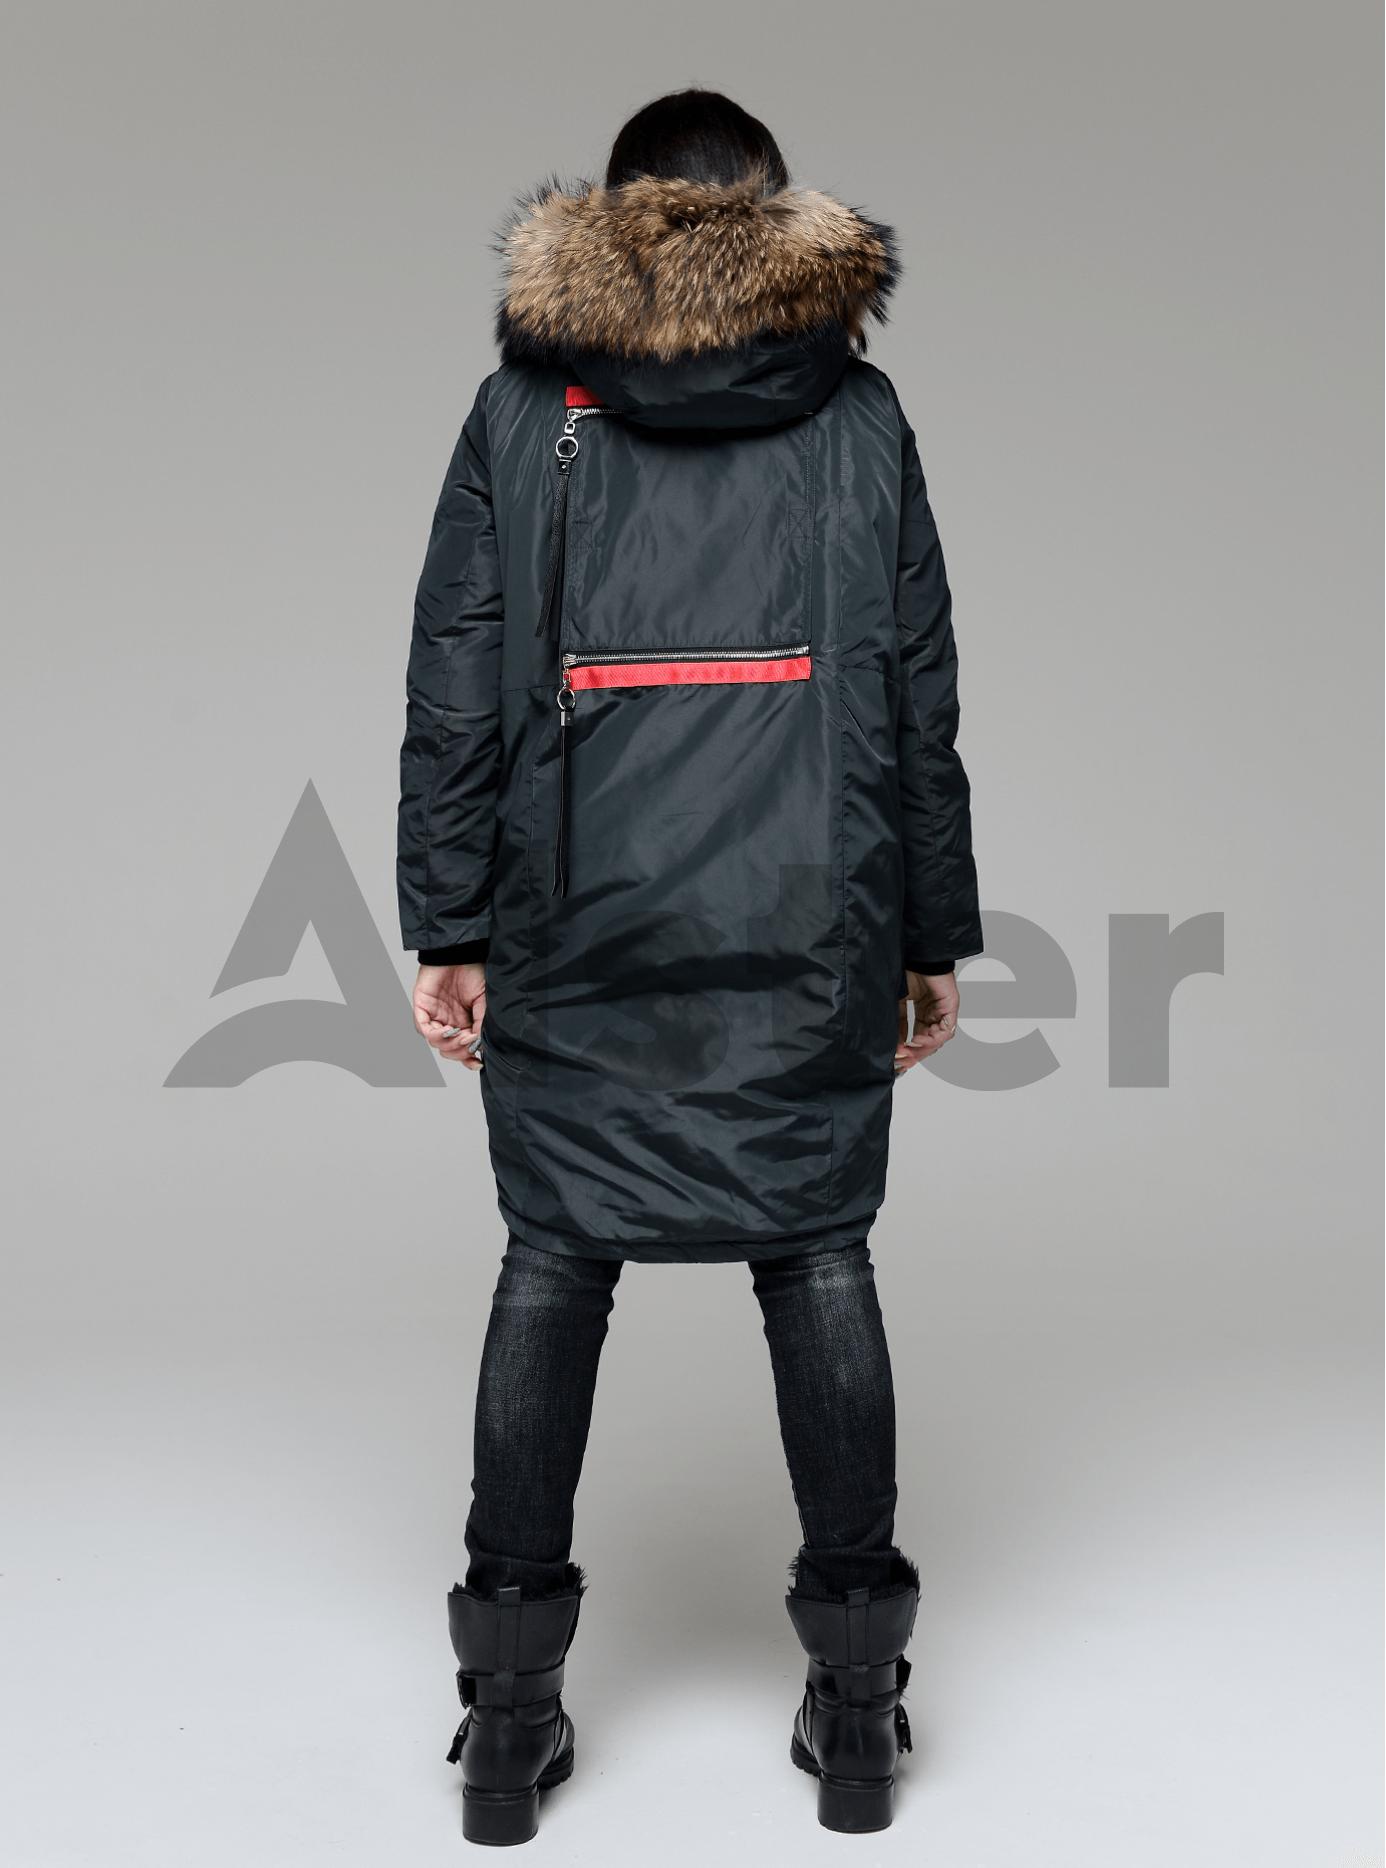 Куртка зимняя длинная с накладными карманами и мехом енота Тёмно-зелёный S (05-V191236): фото - Alster.ua